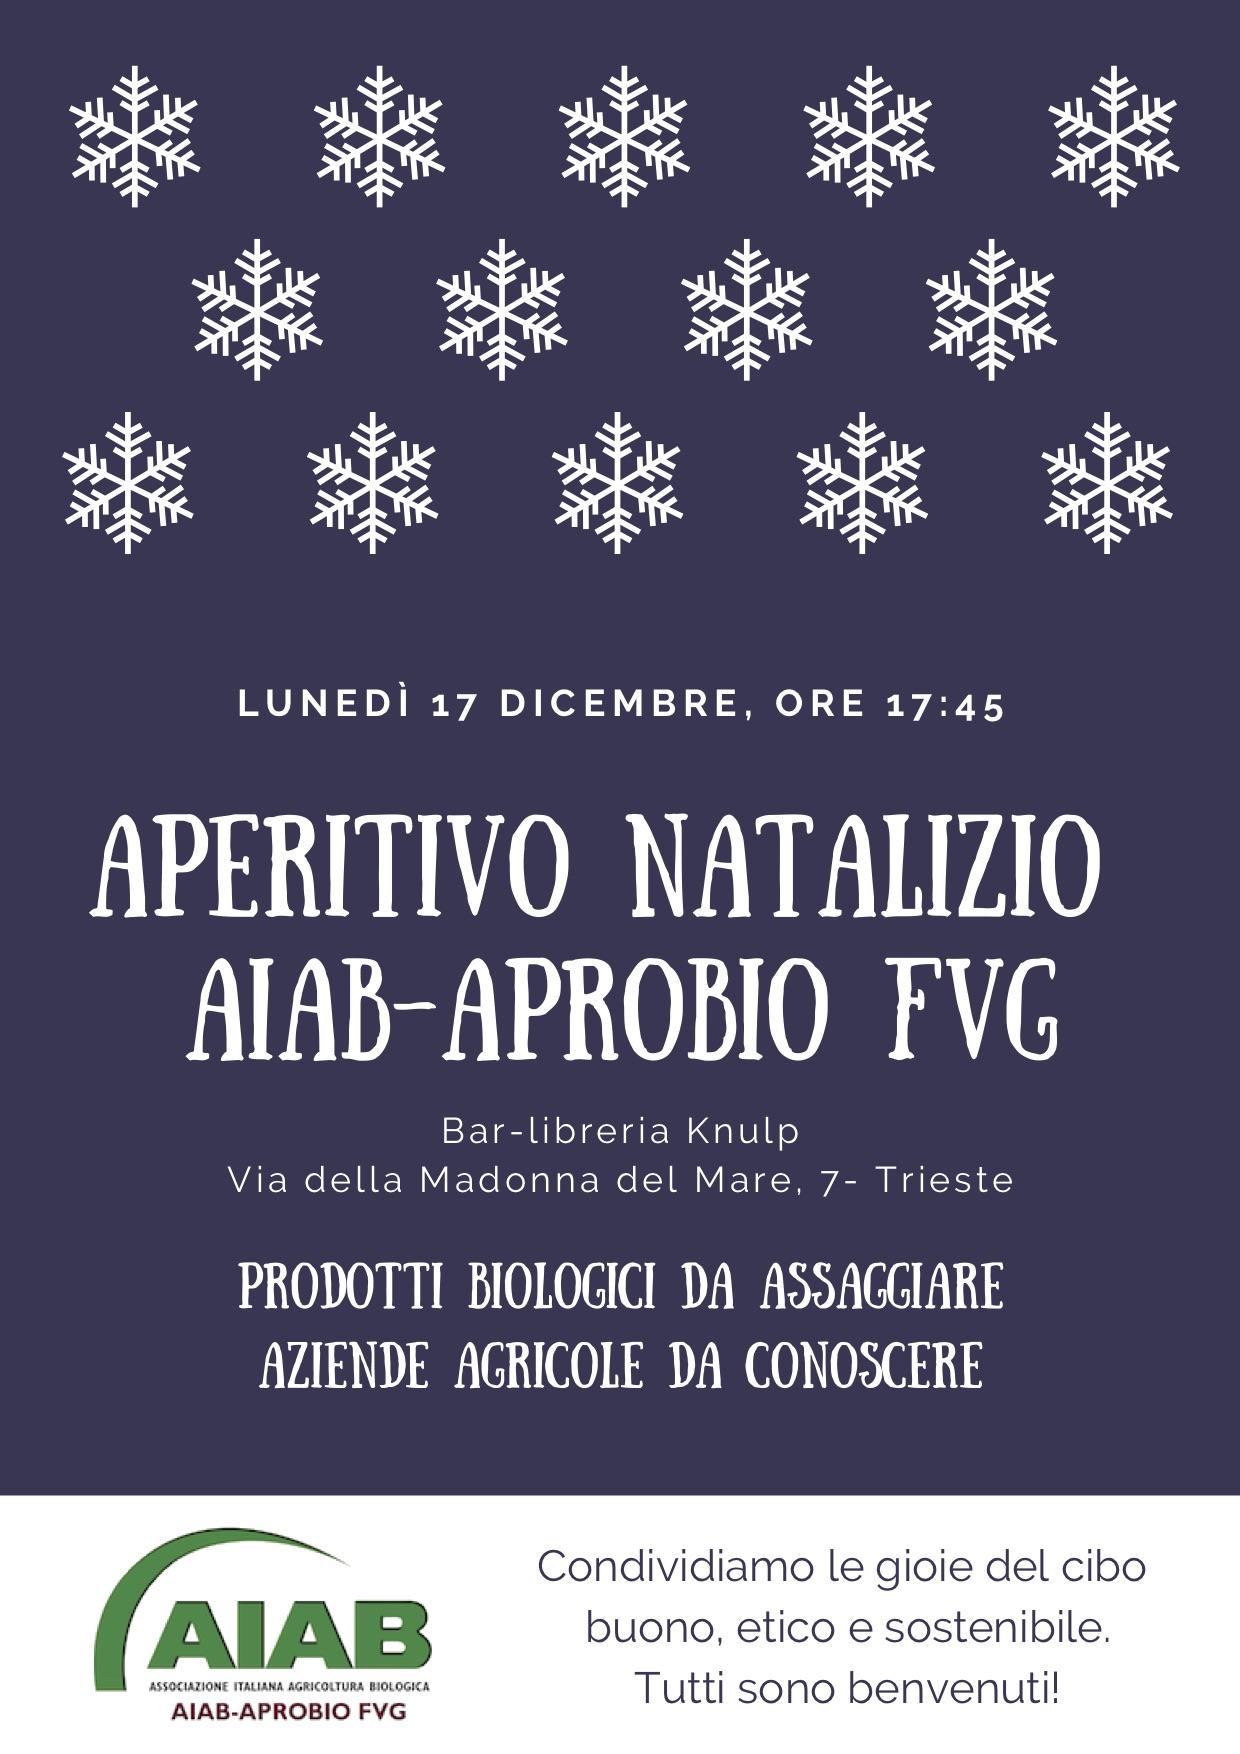 Aperitivo natalizio a Trieste, 17 dicembre